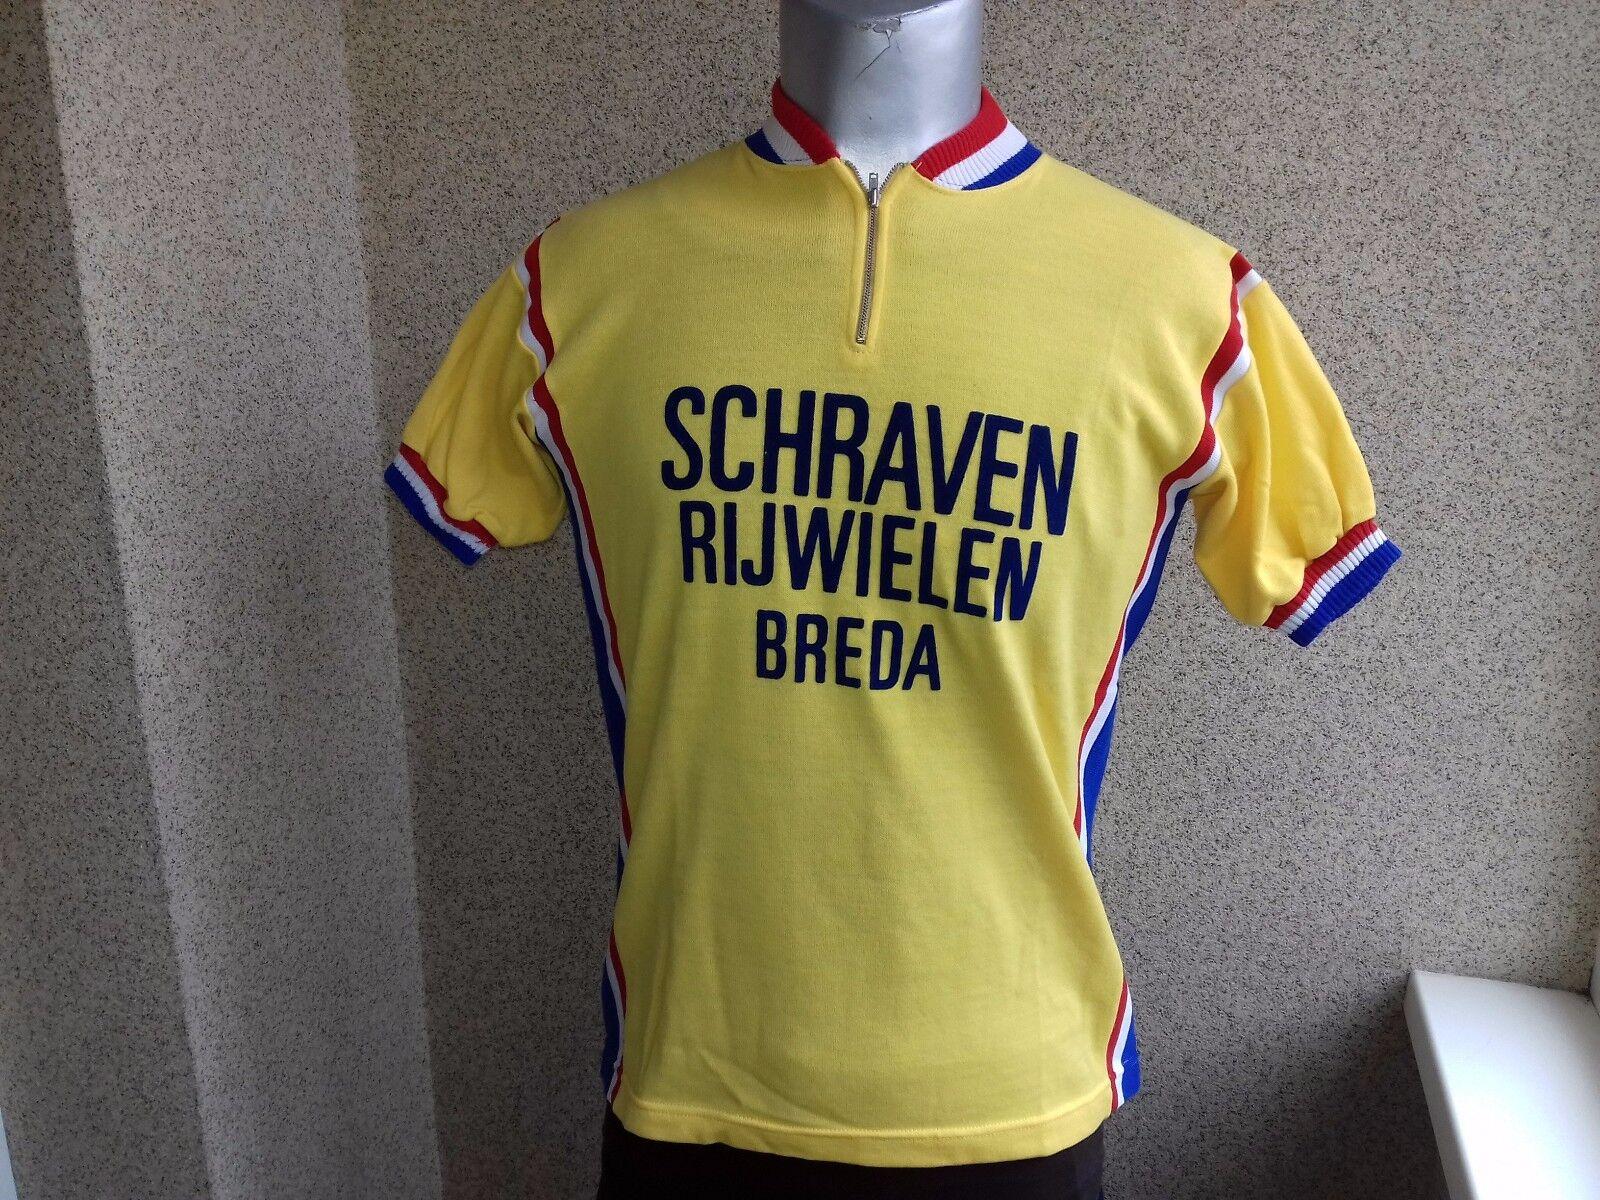 Camiseta Ciclismo libraron Vintage Brojoa JESRSEY Raro  CAMISETA 1980  Todos los productos obtienen hasta un 34% de descuento.